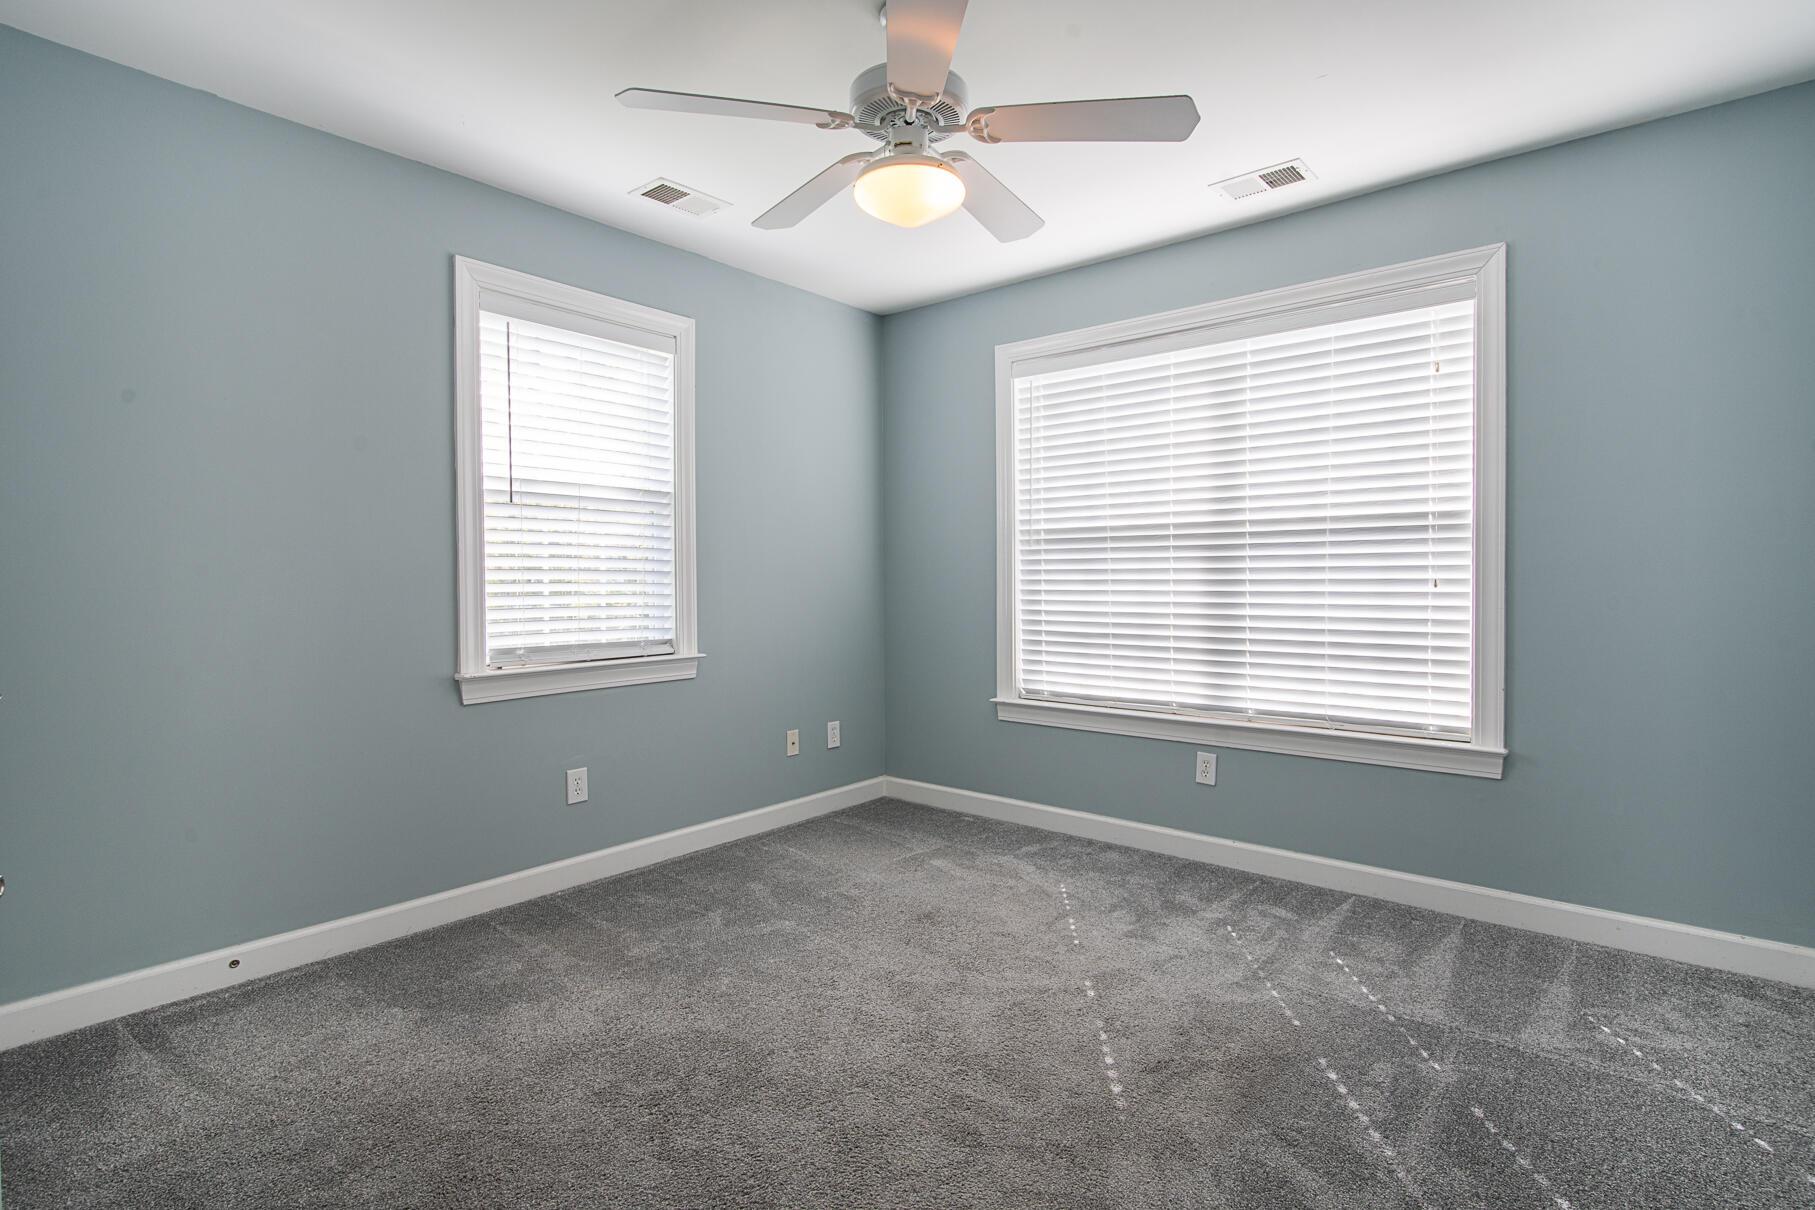 Dunes West Homes For Sale - 3059 Riverwood, Mount Pleasant, SC - 12